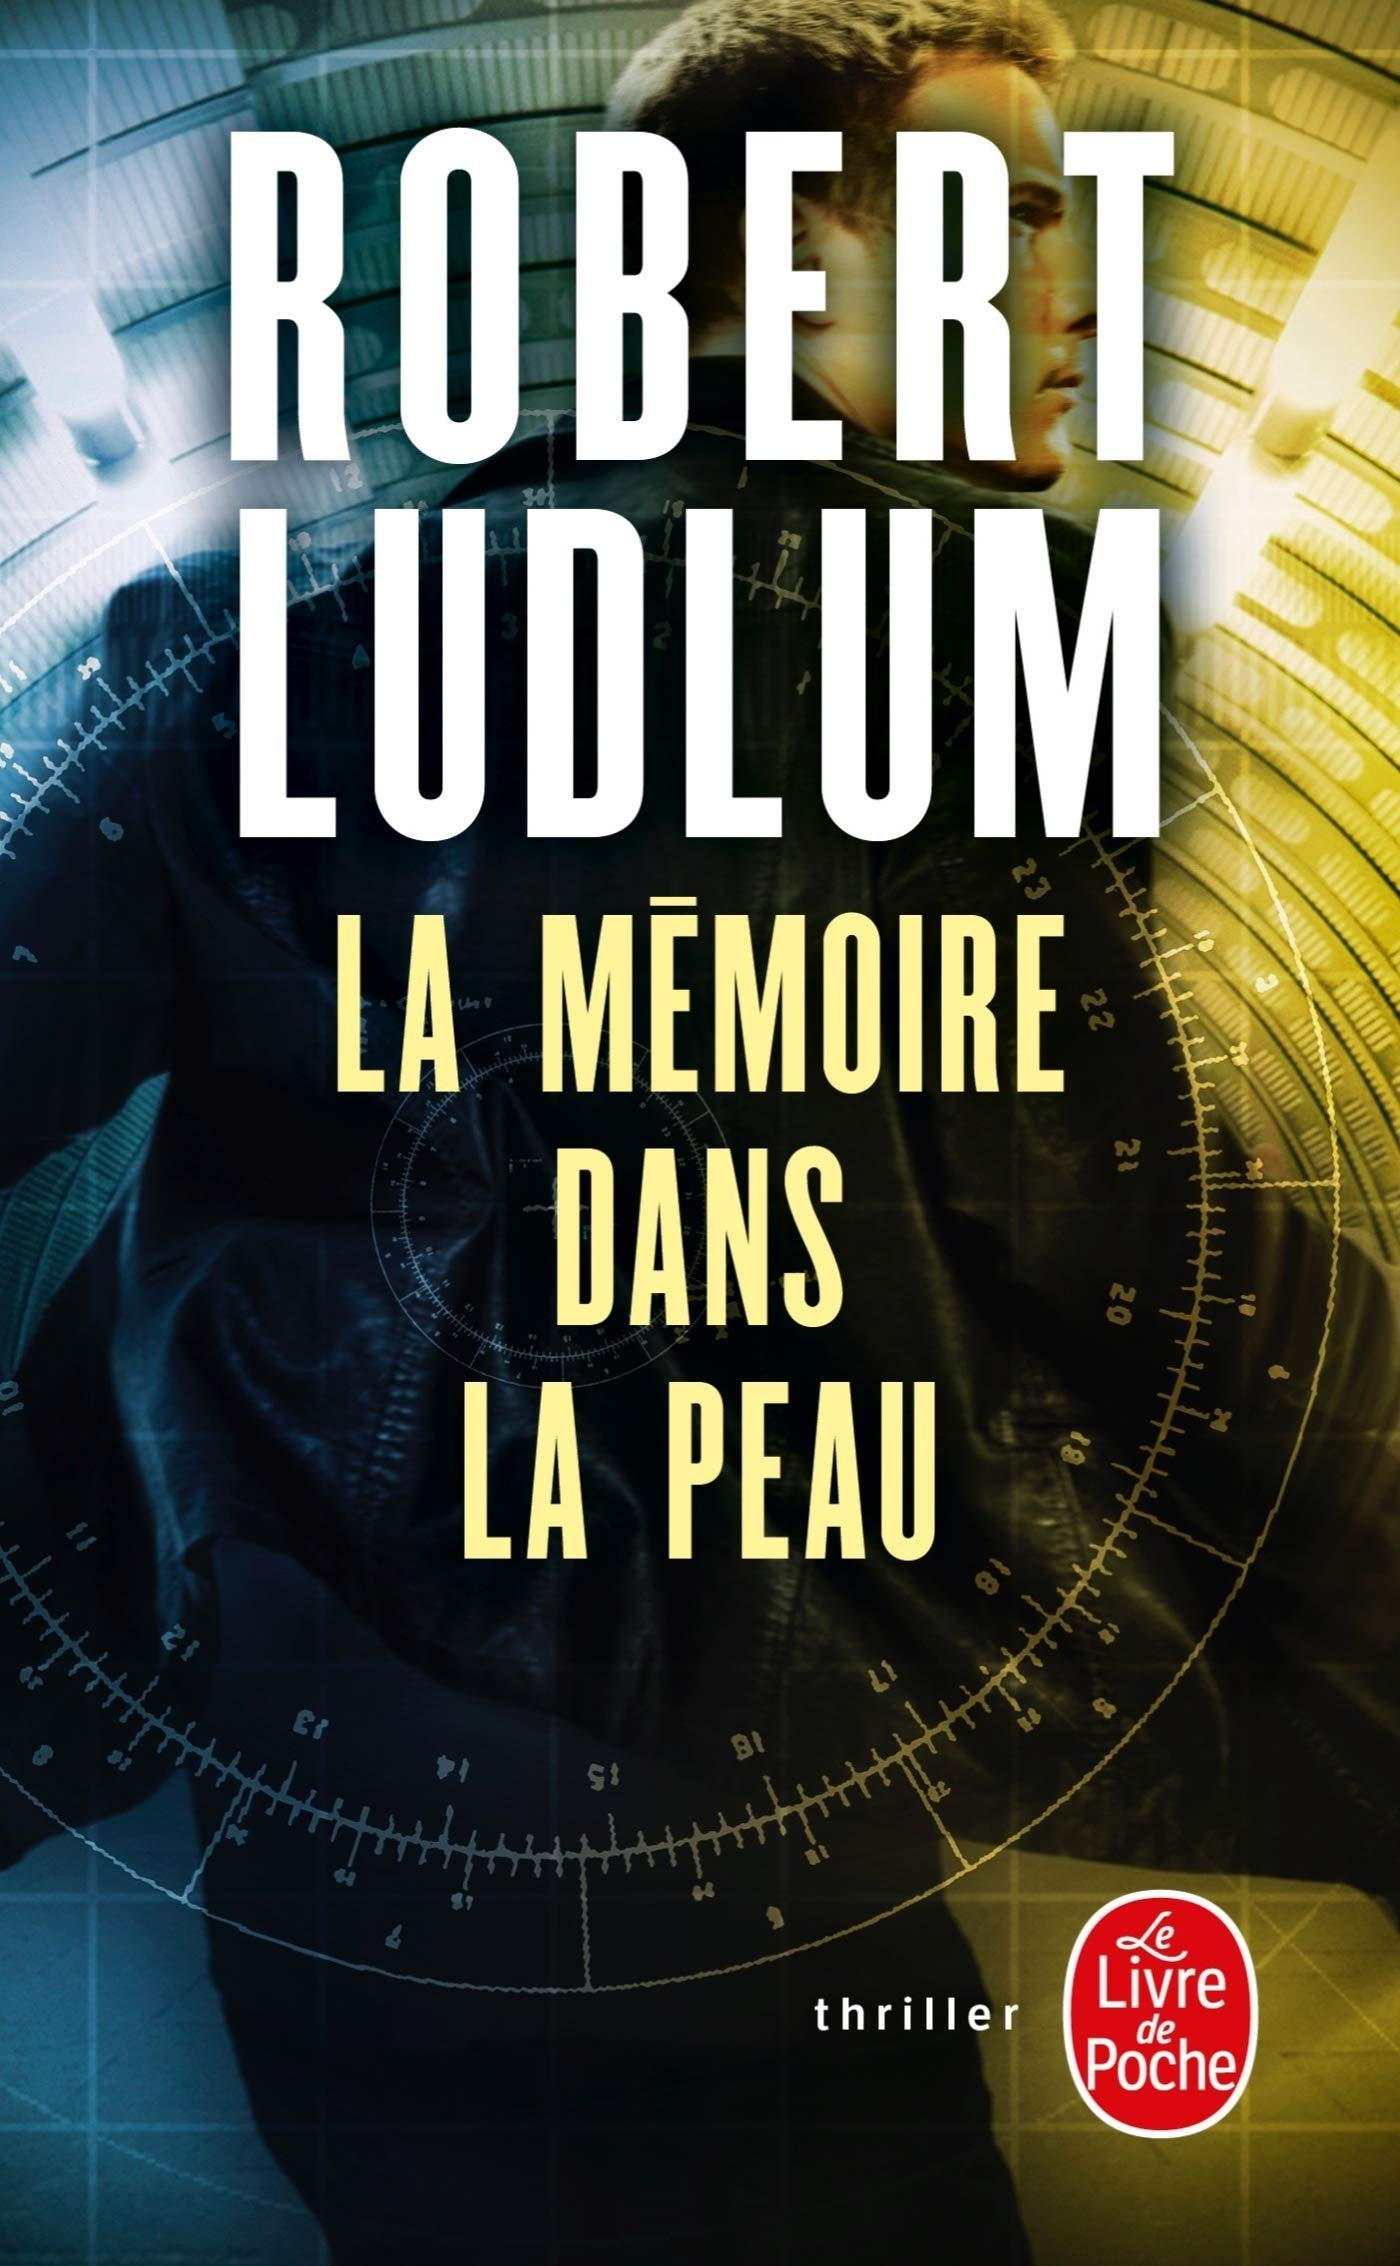 Amazon.fr - La Mémoire dans la peau - Ludlum, Robert - Livres